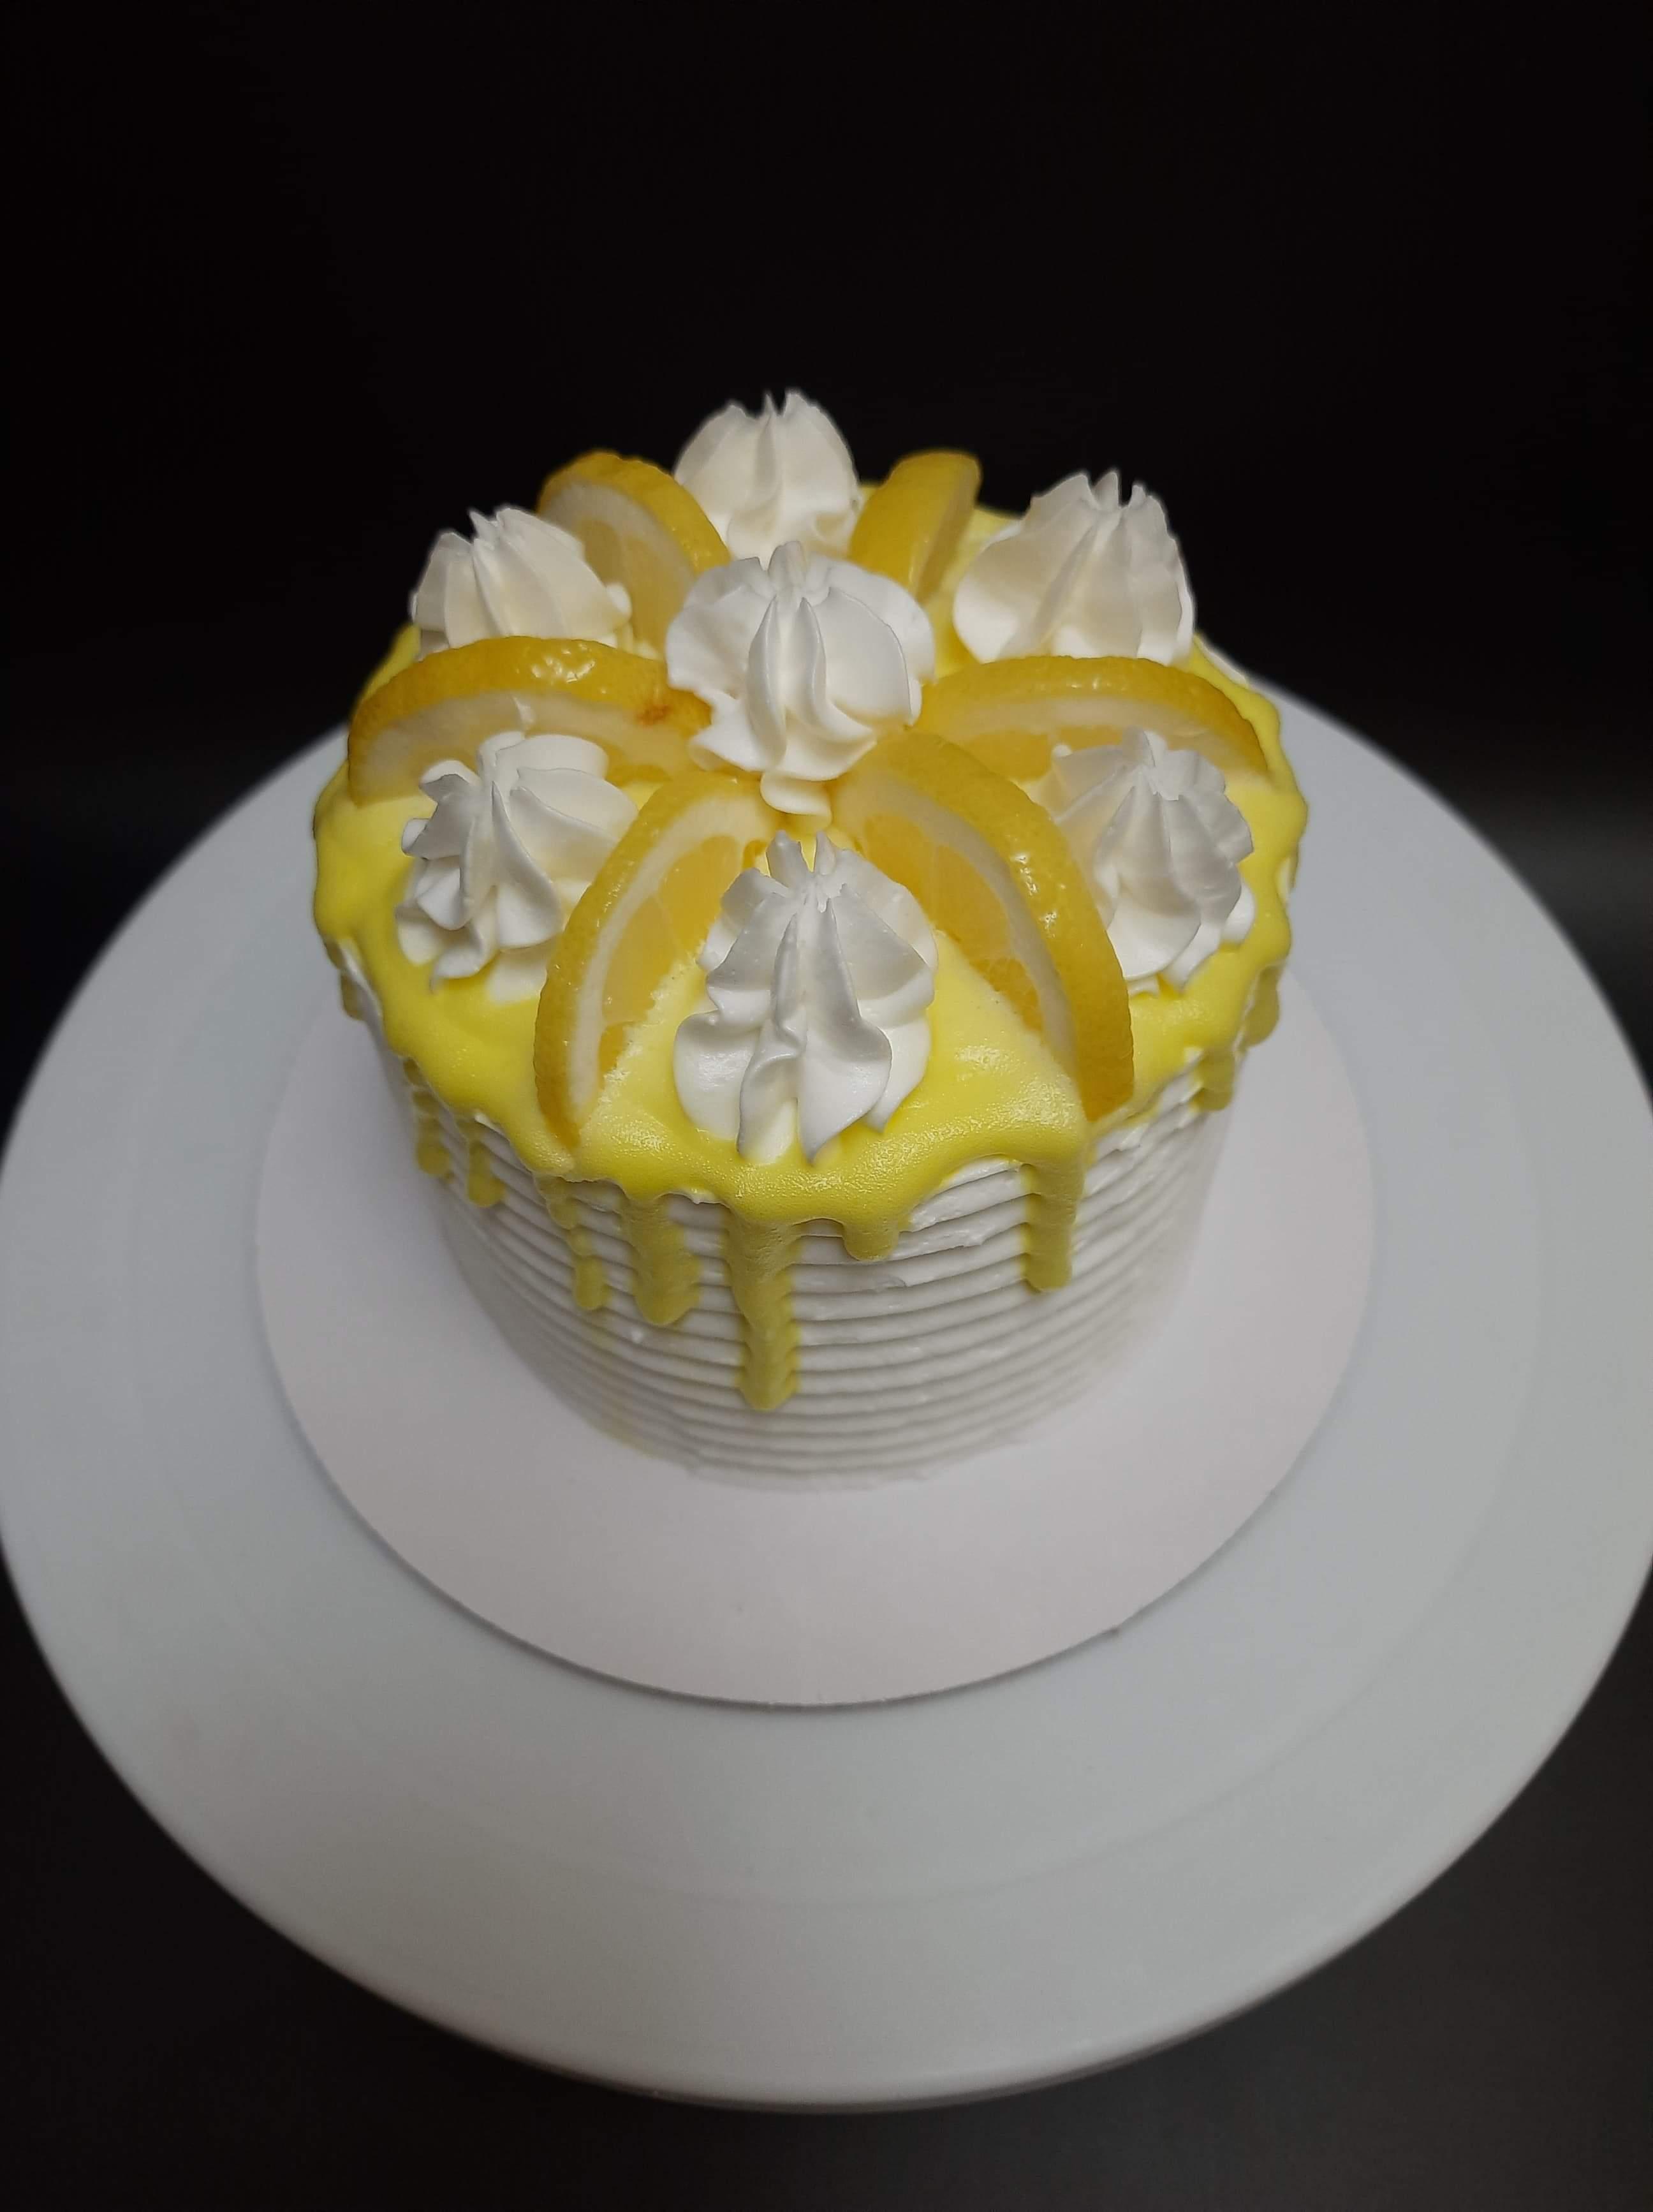 Lemon Chiffon Cake Ms. Yang